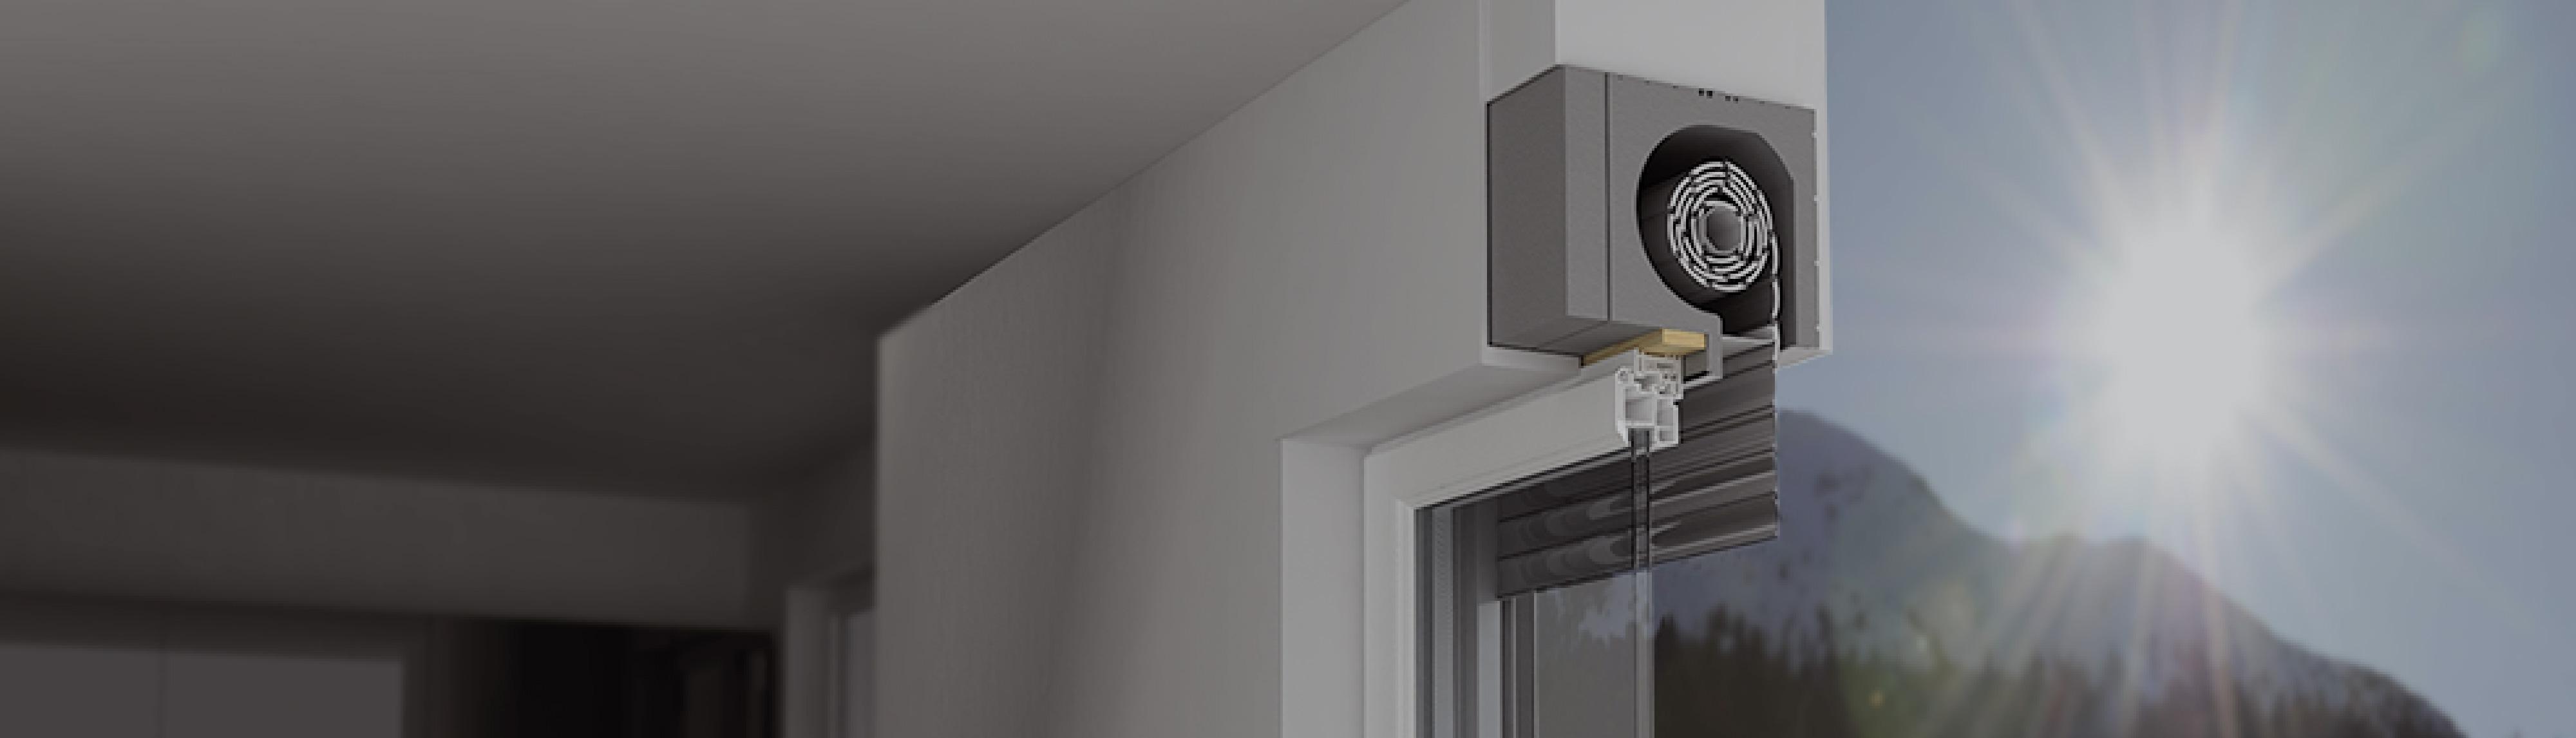 Sistema Di Oscuramento Per Finestre termag | monoblocchi per finestre